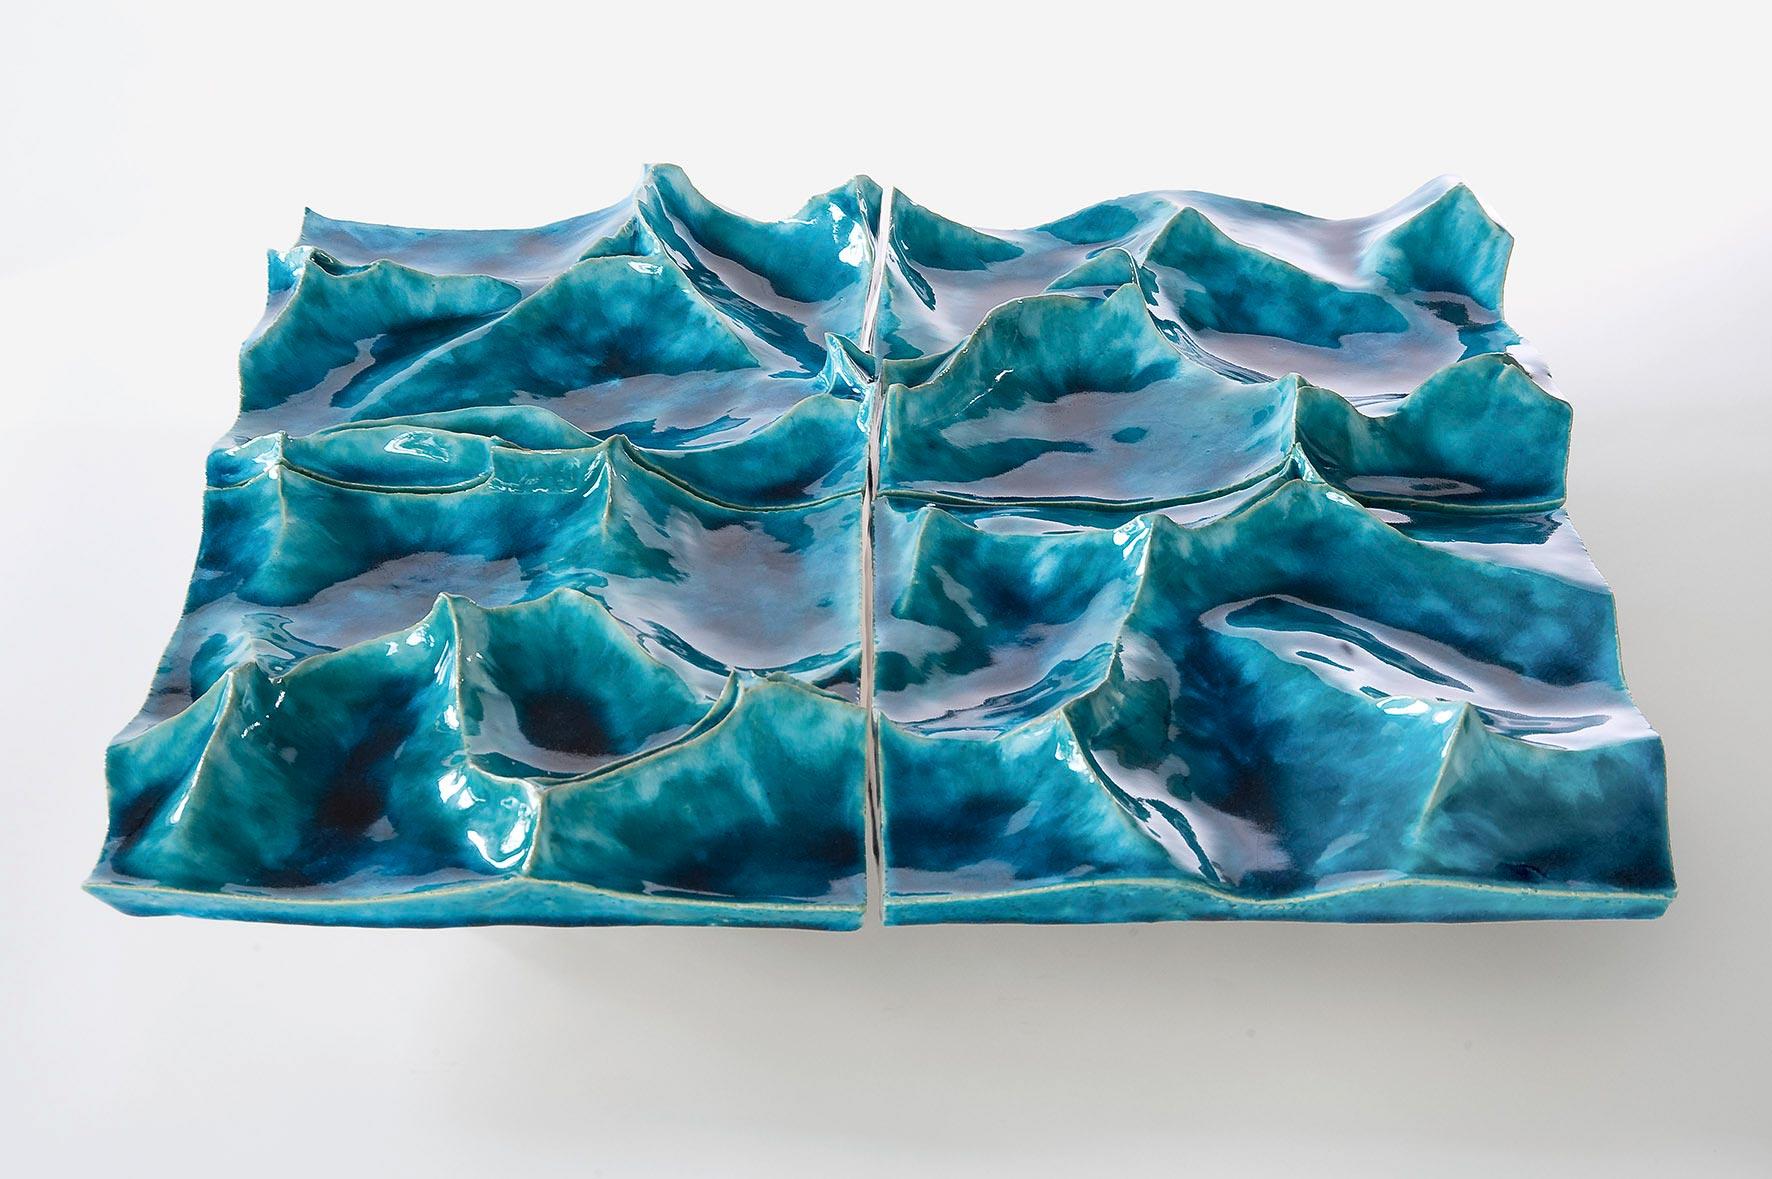 Aqua III, Keramik, glasiert, 8/65/65 cm